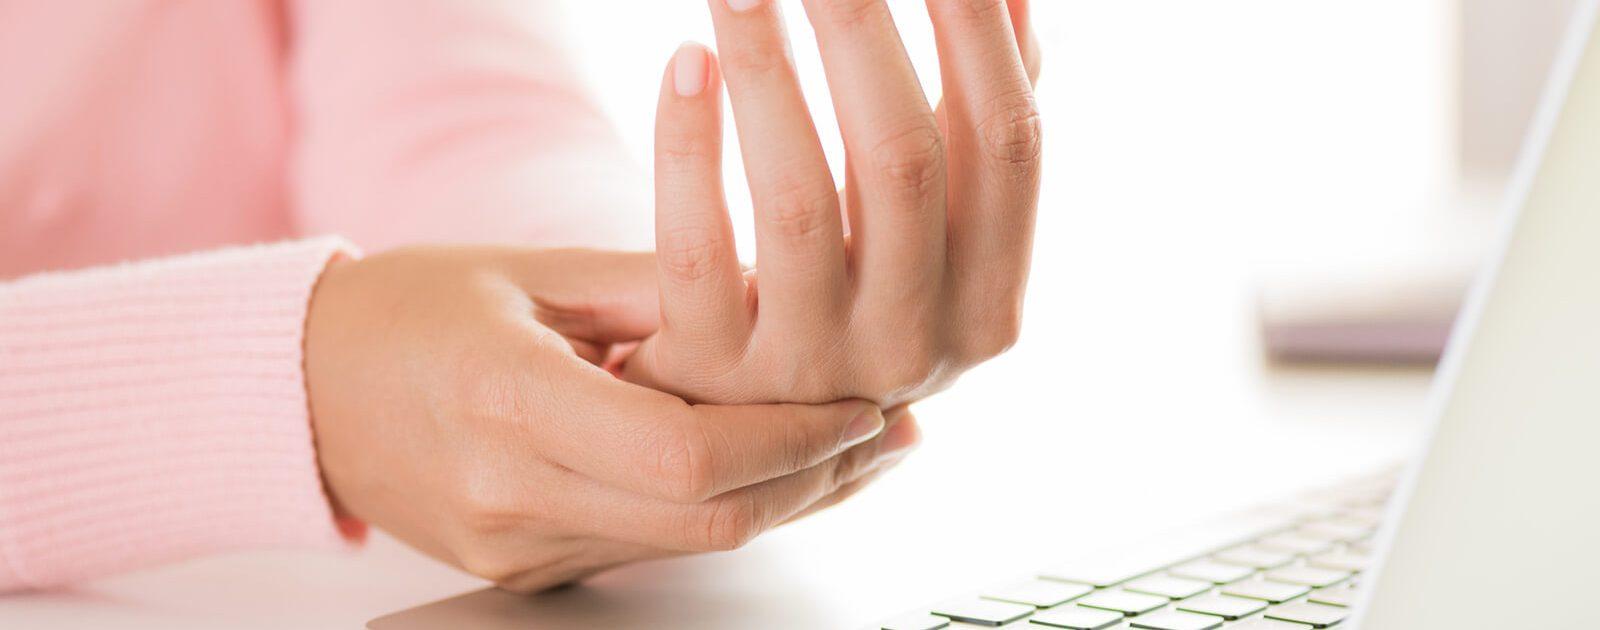 Eine Frau mit Nervenschäden an der Hand in Folge eines Vitamin B12 Mangels.